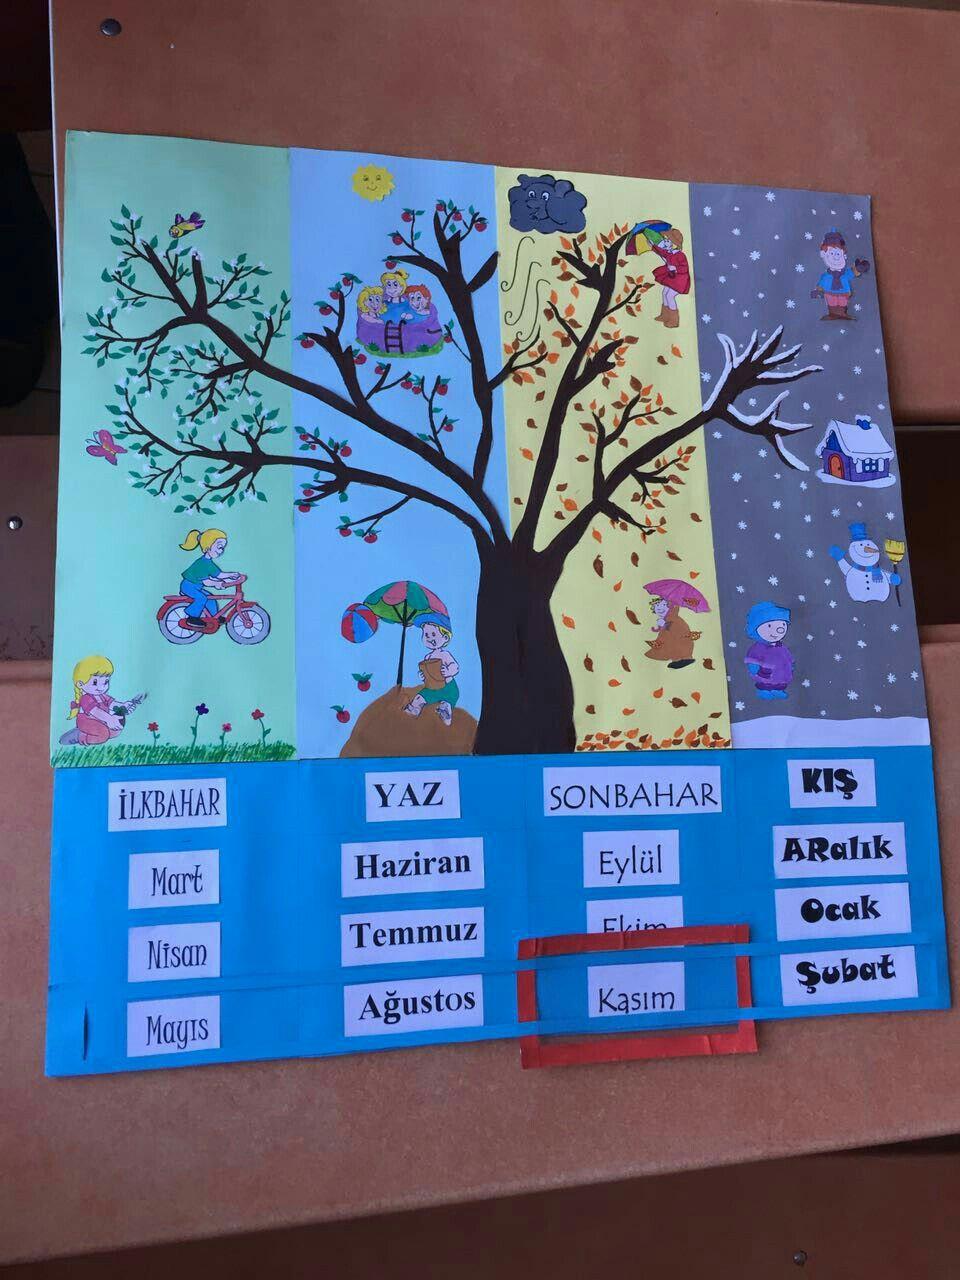 Mevsimler Afis Tablo Aylar Okul Oncesi Elisi Fikirleri Okul